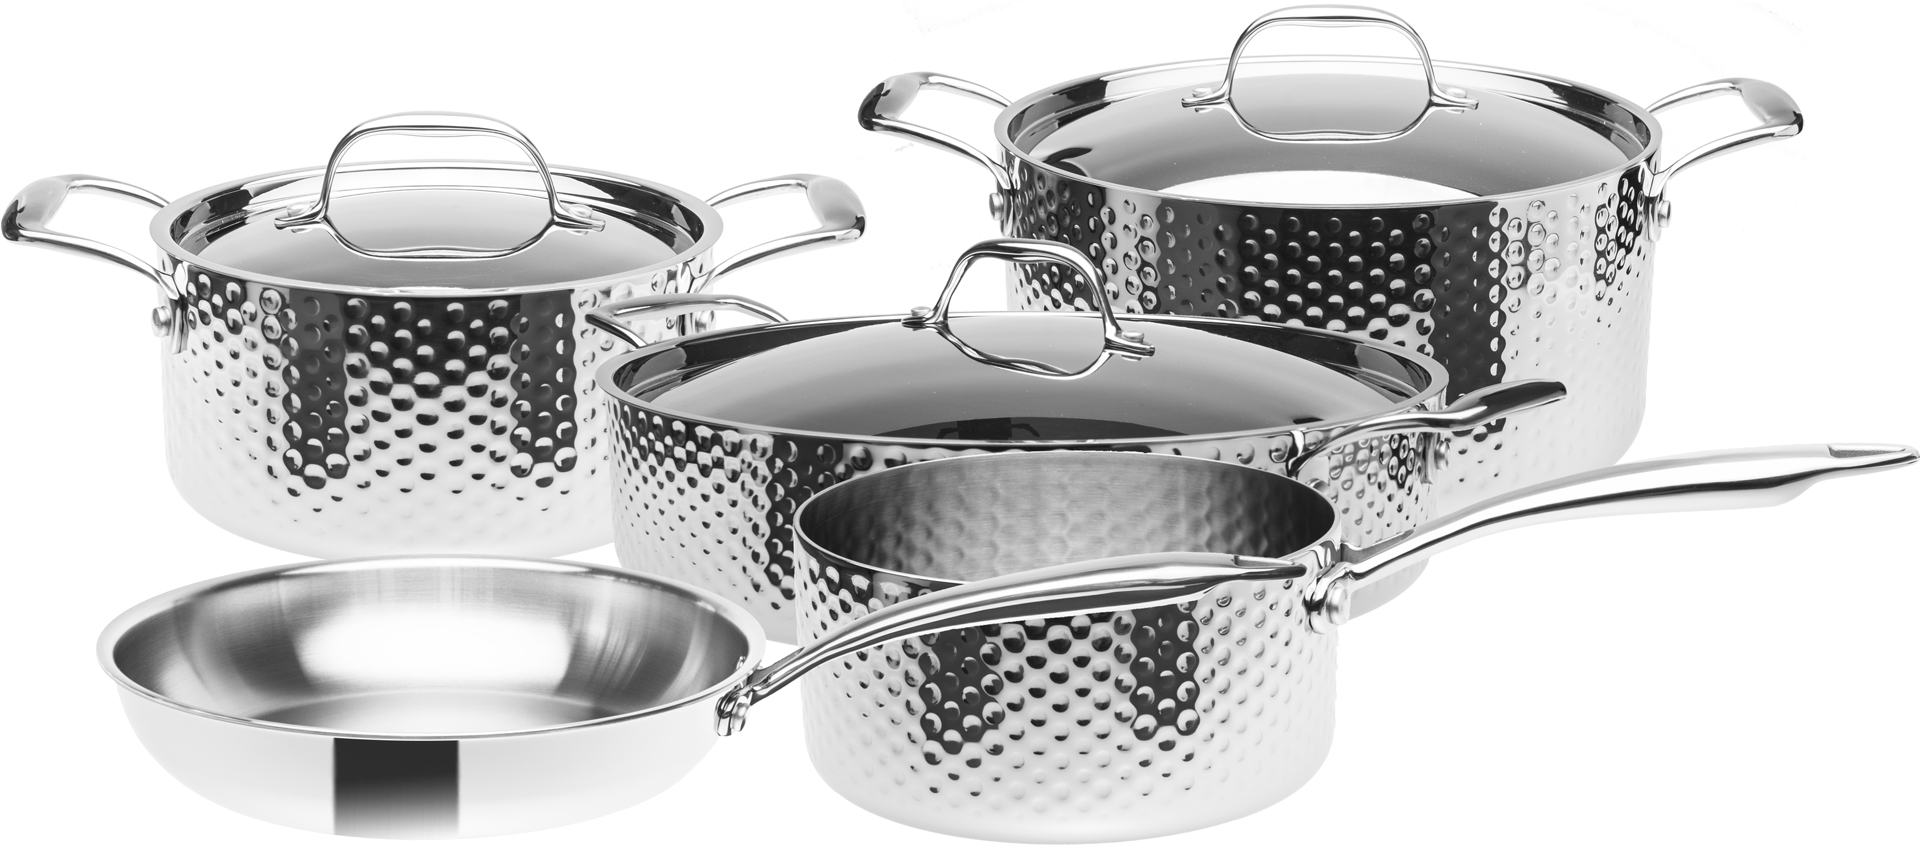 Sada nerezového nádobí, 3vrstvé, indukční, 8 dílná, STEIN